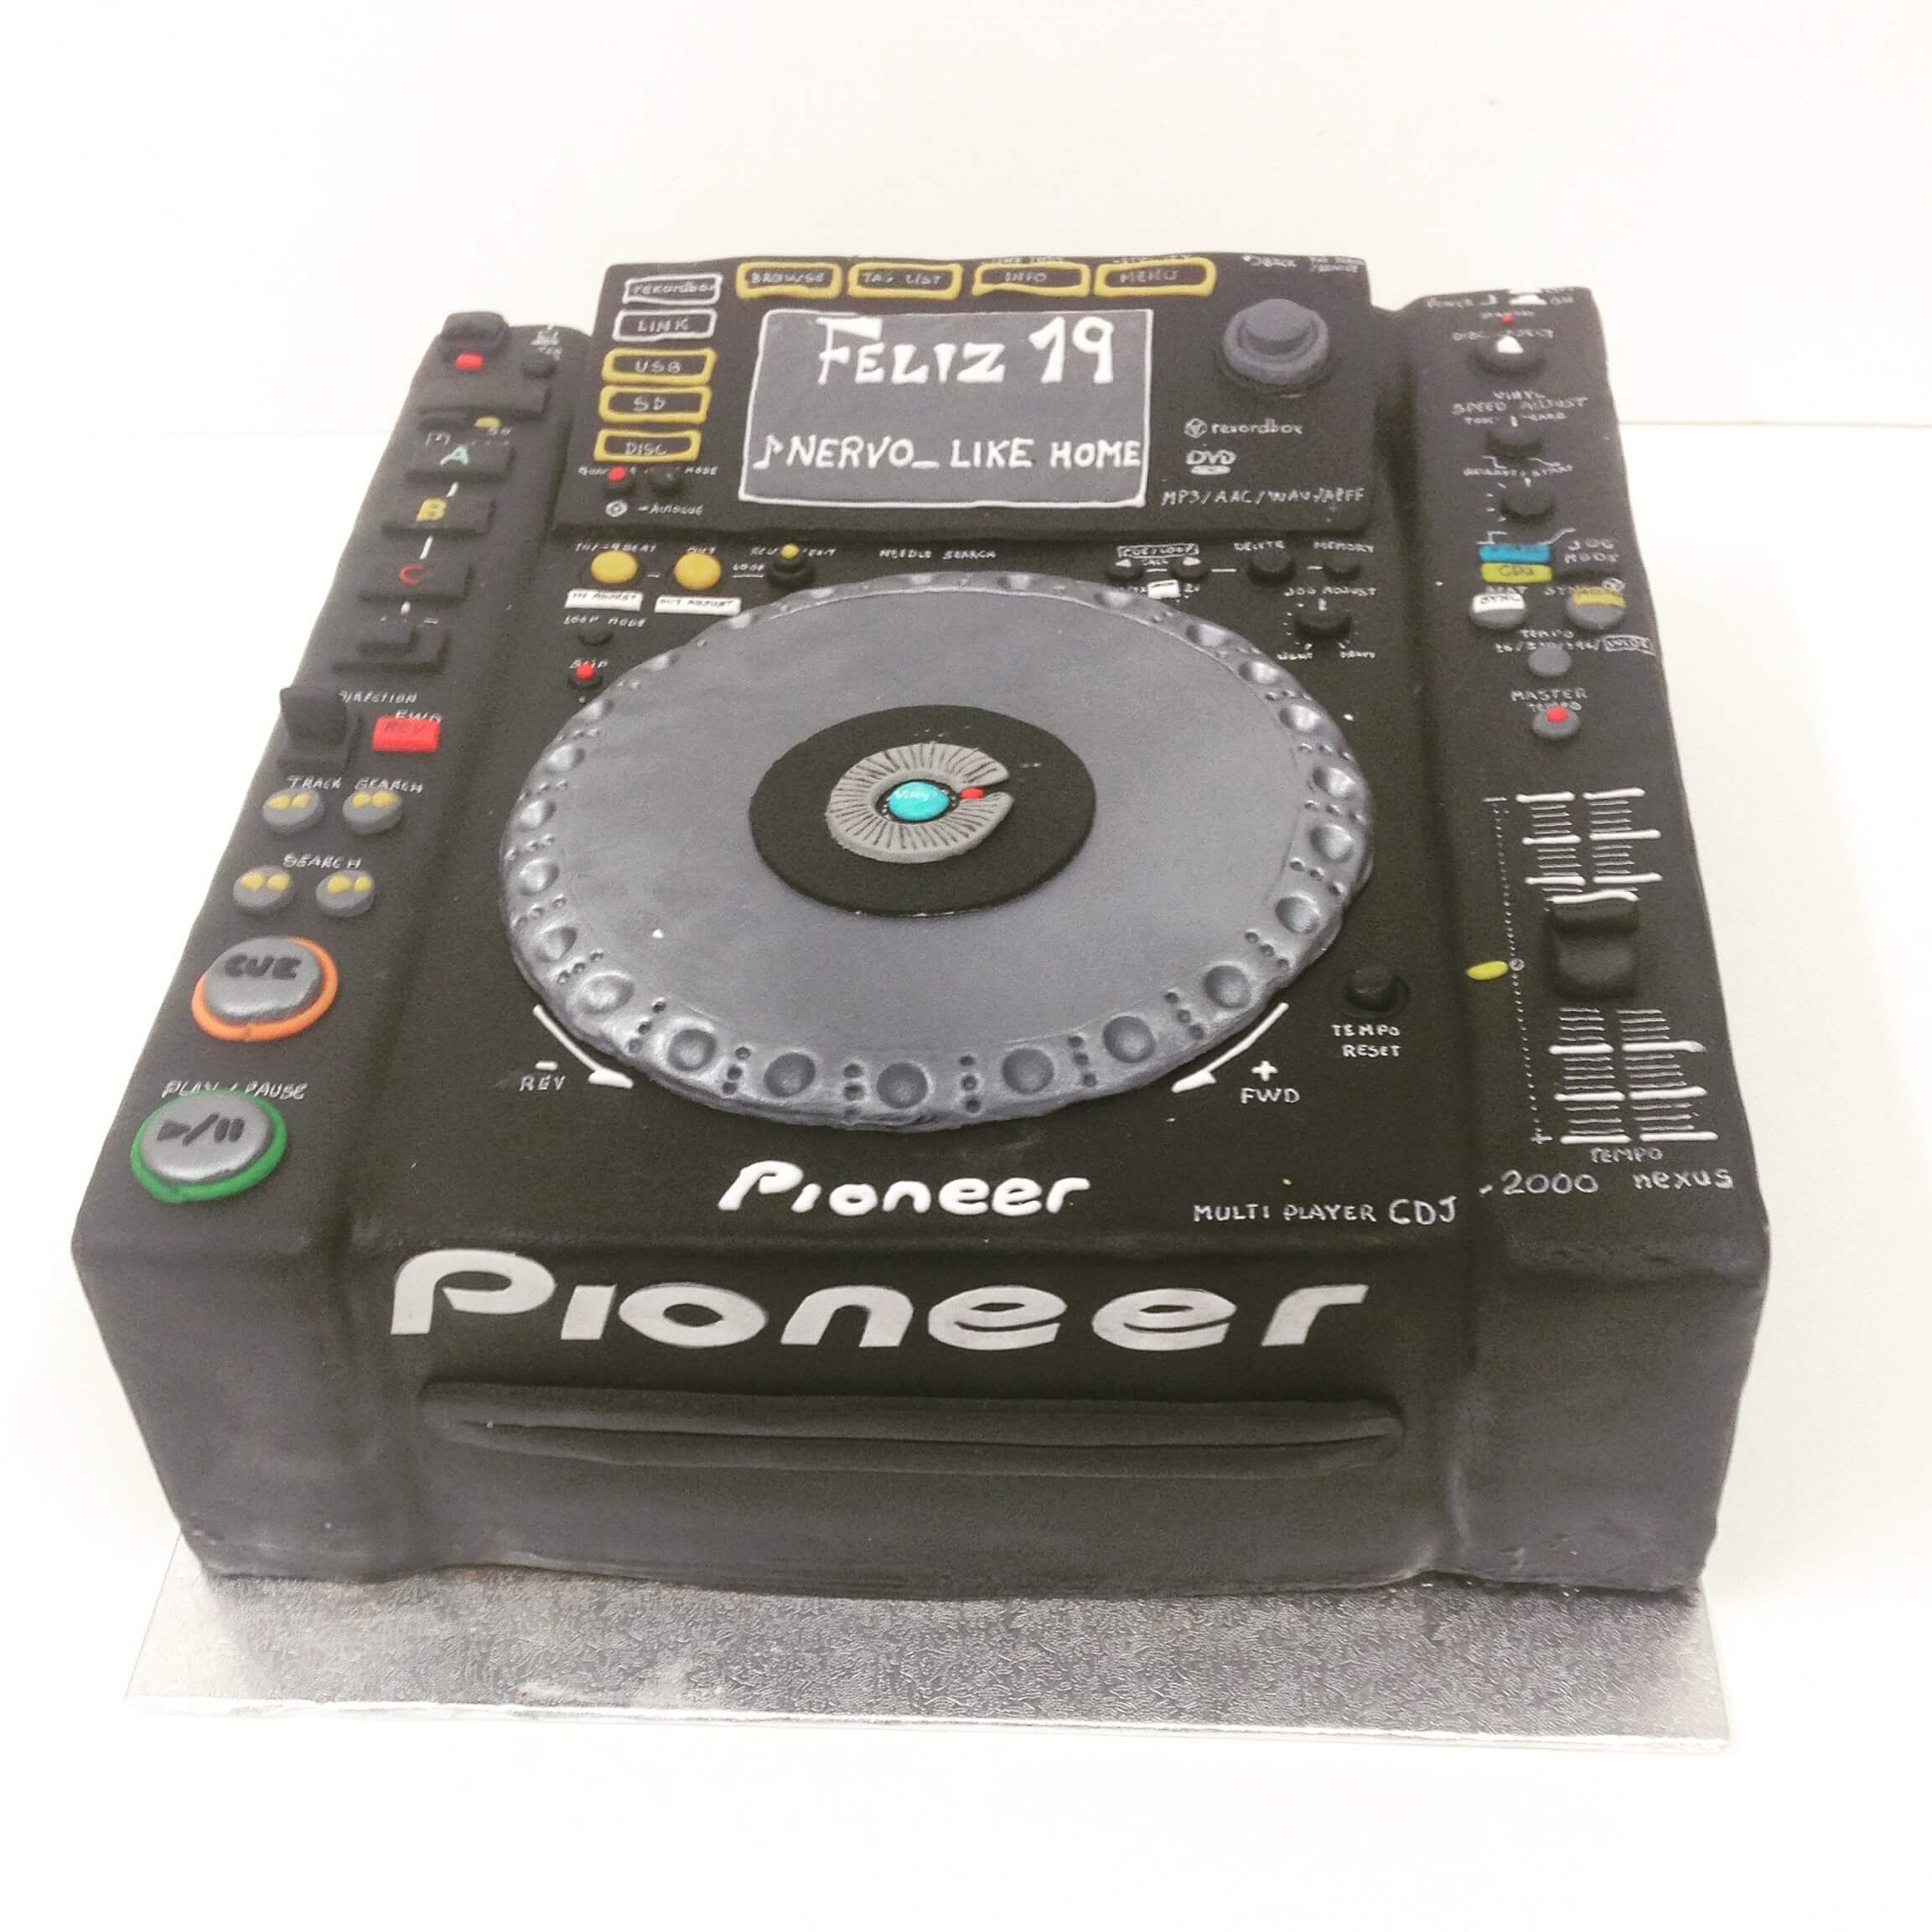 Cumpleaños tarta personalizada dj Pioneer  mesa de mezclas coruña